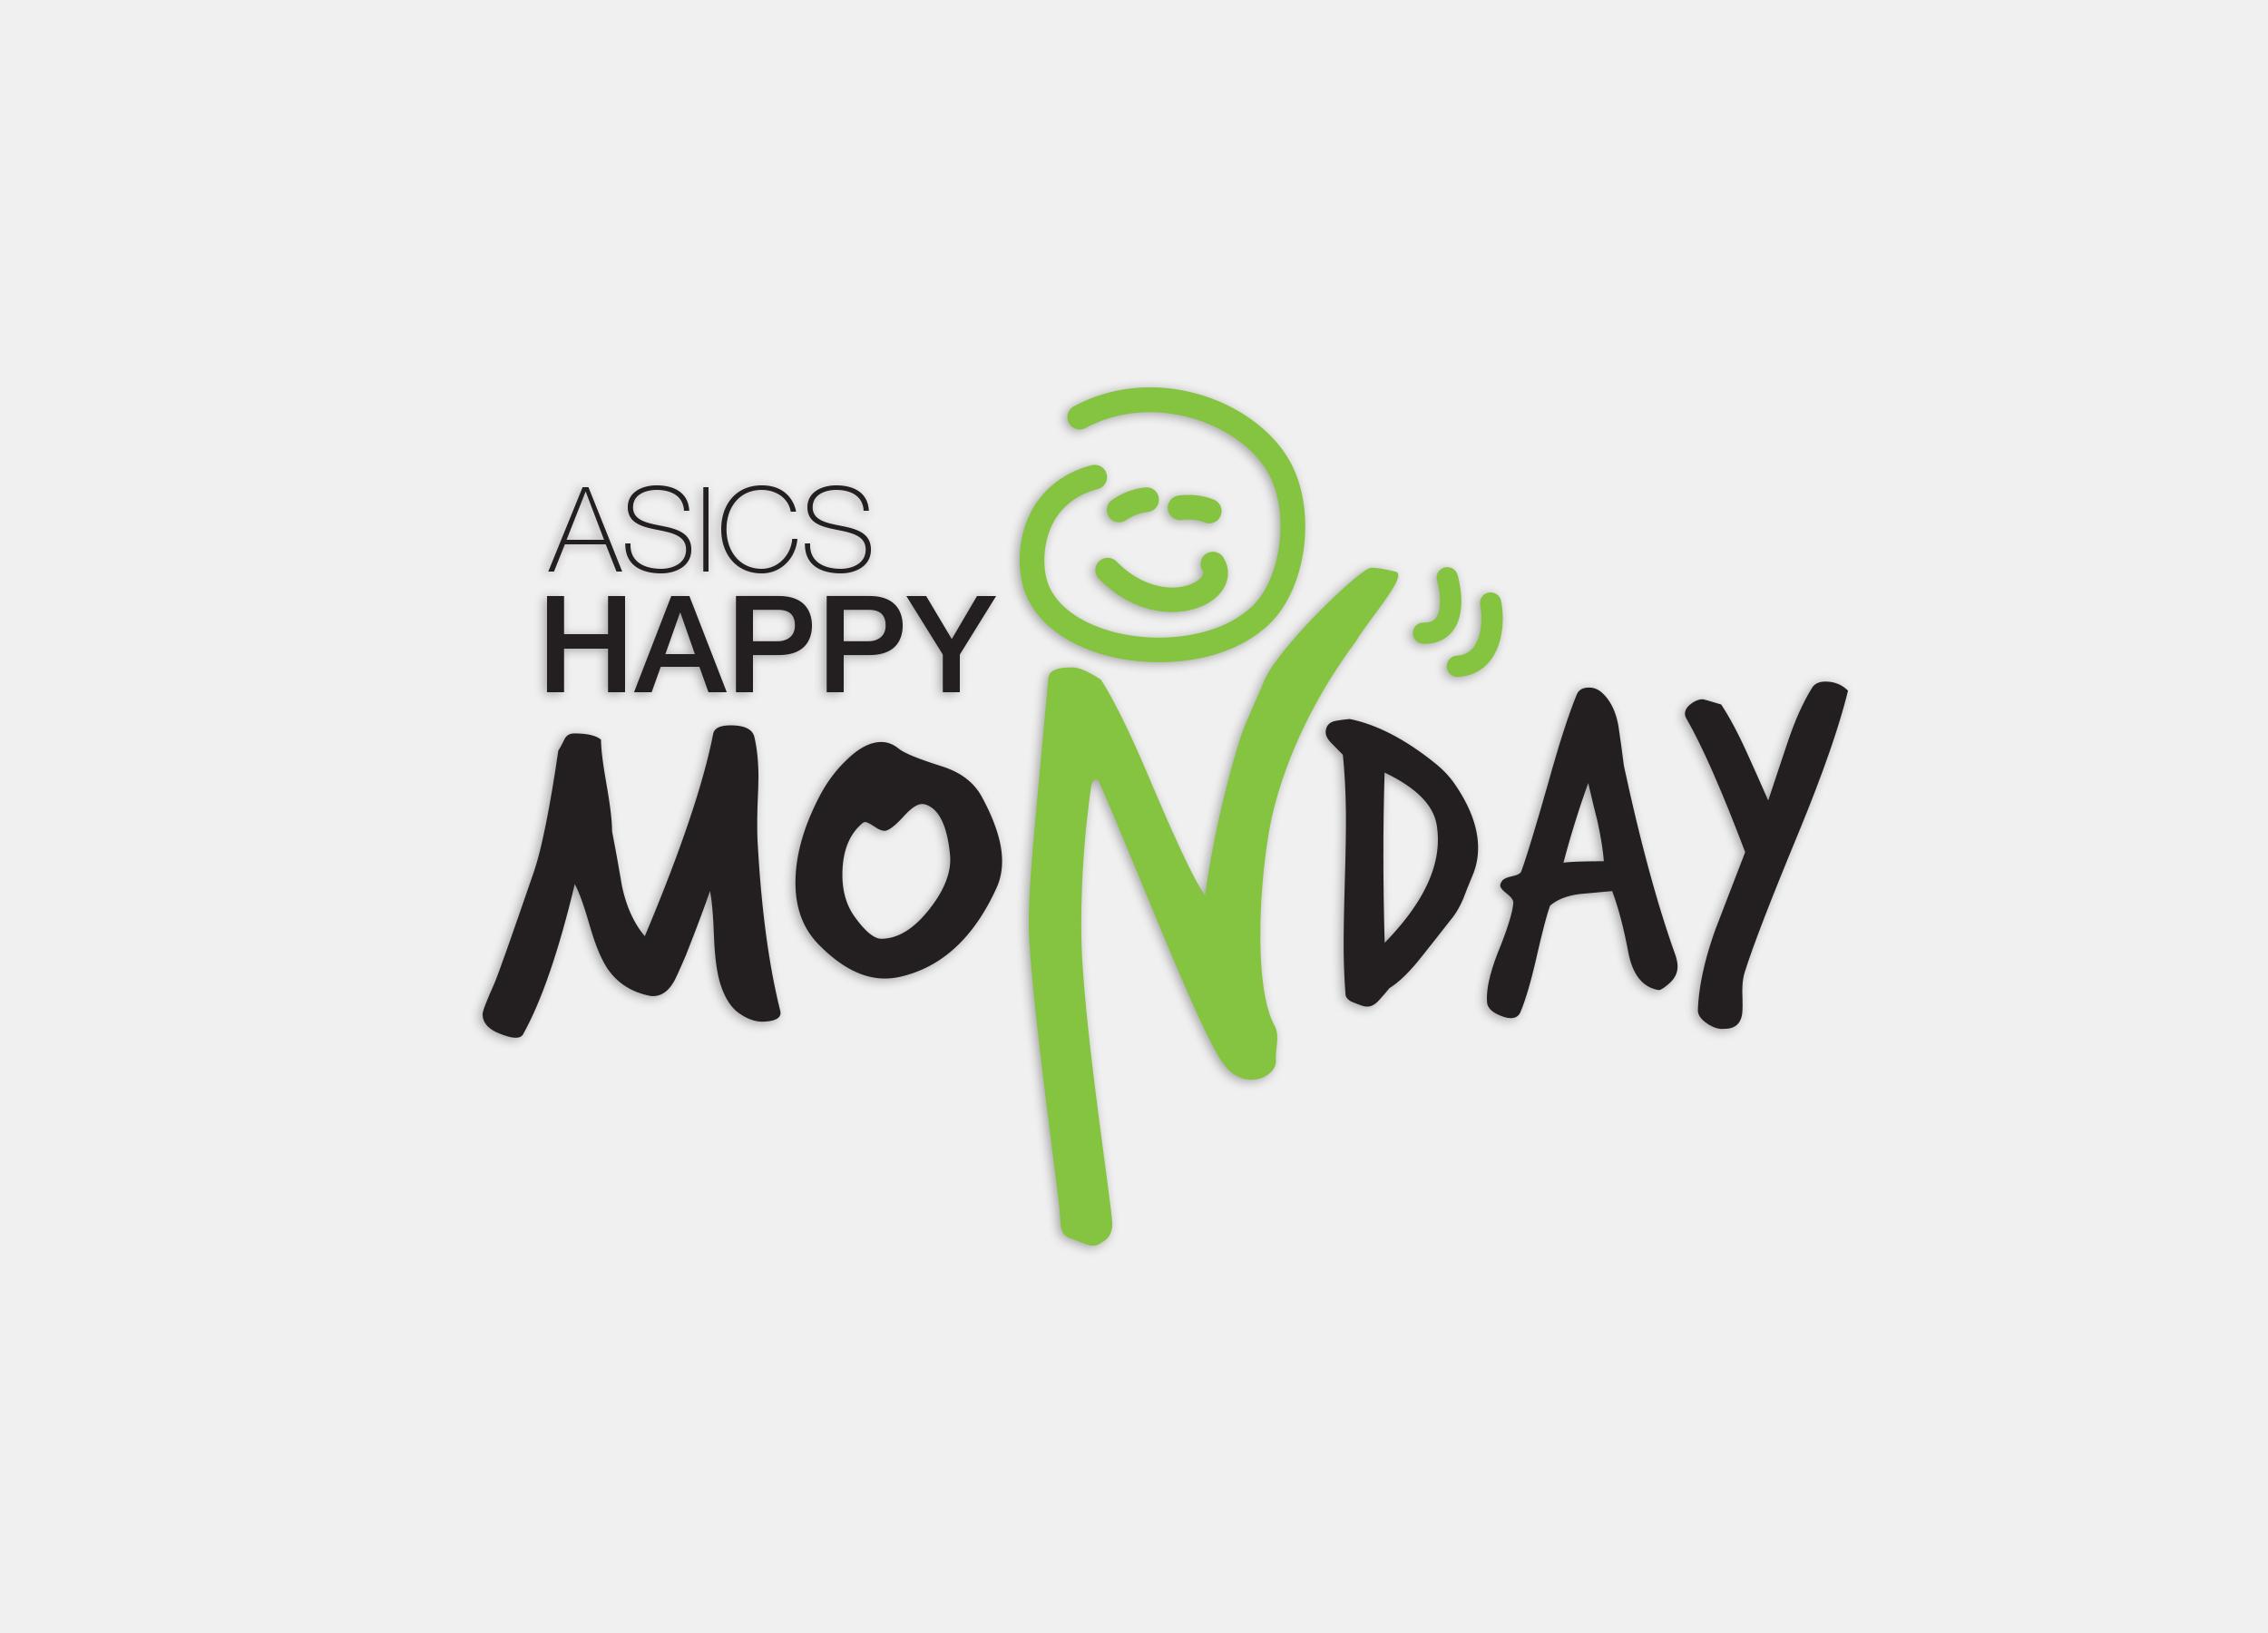 ASICS Happy Monday Event Logo